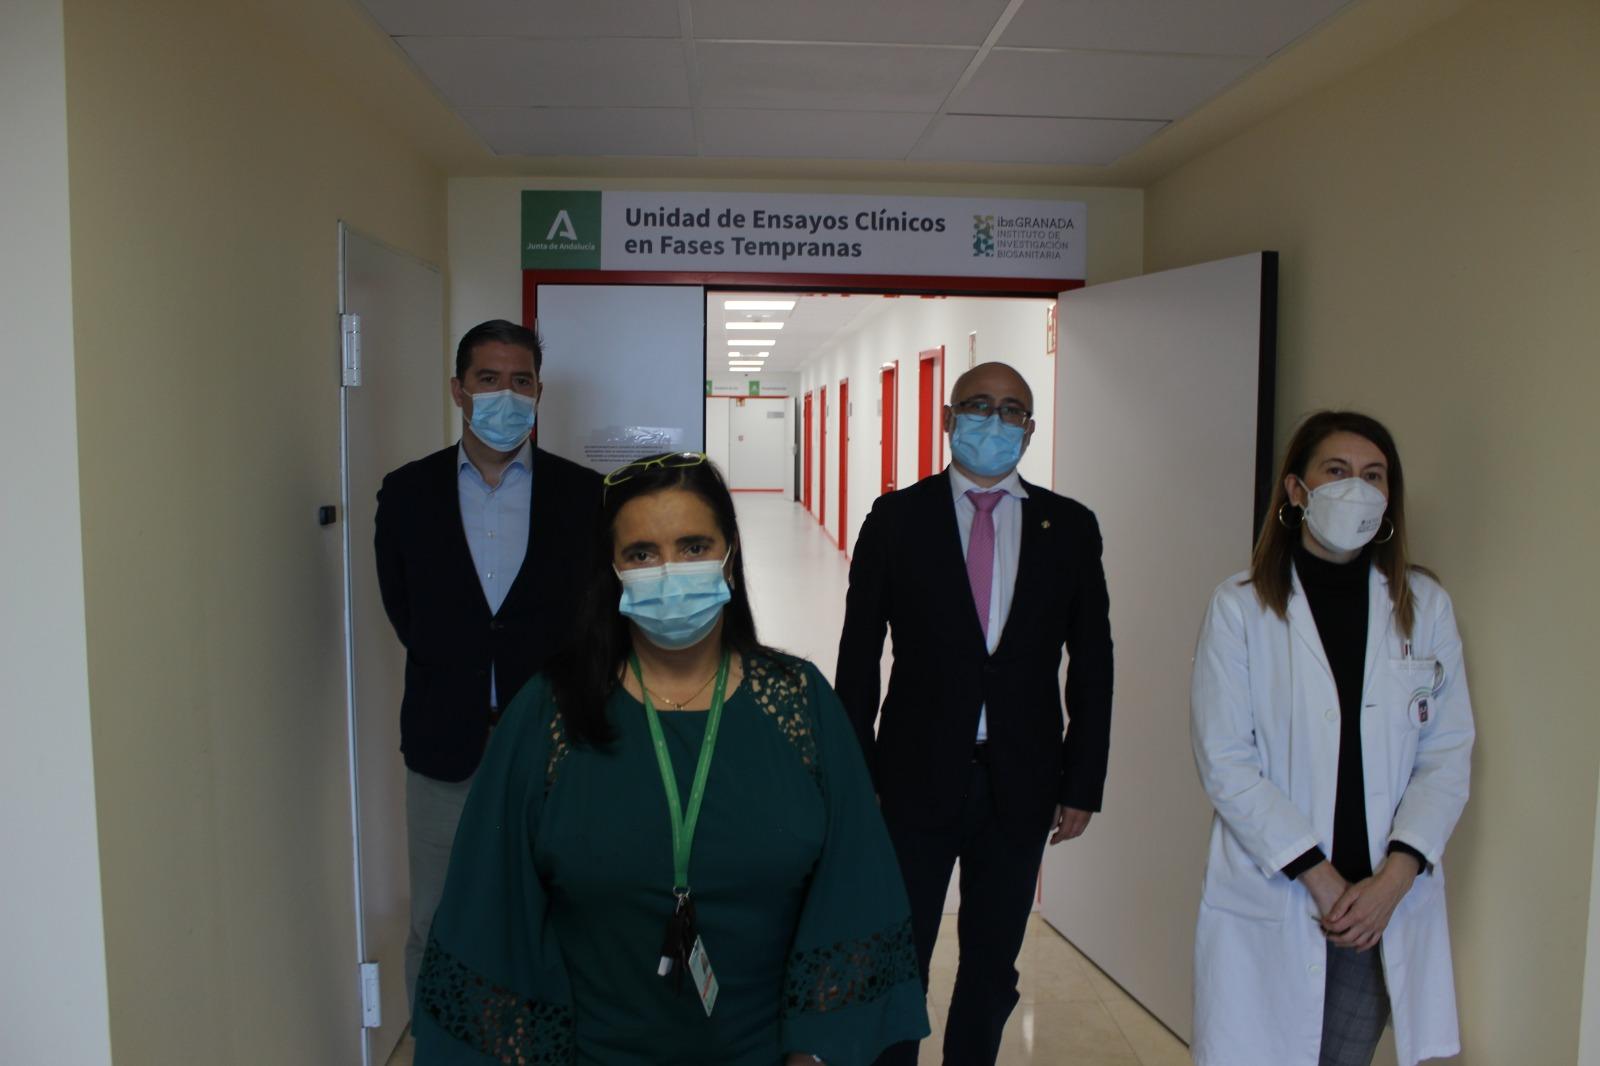 El Hospital Virgen de las Nieves estrena una unidad de ensayos clínicos que forma parte del ibs.GRANADA